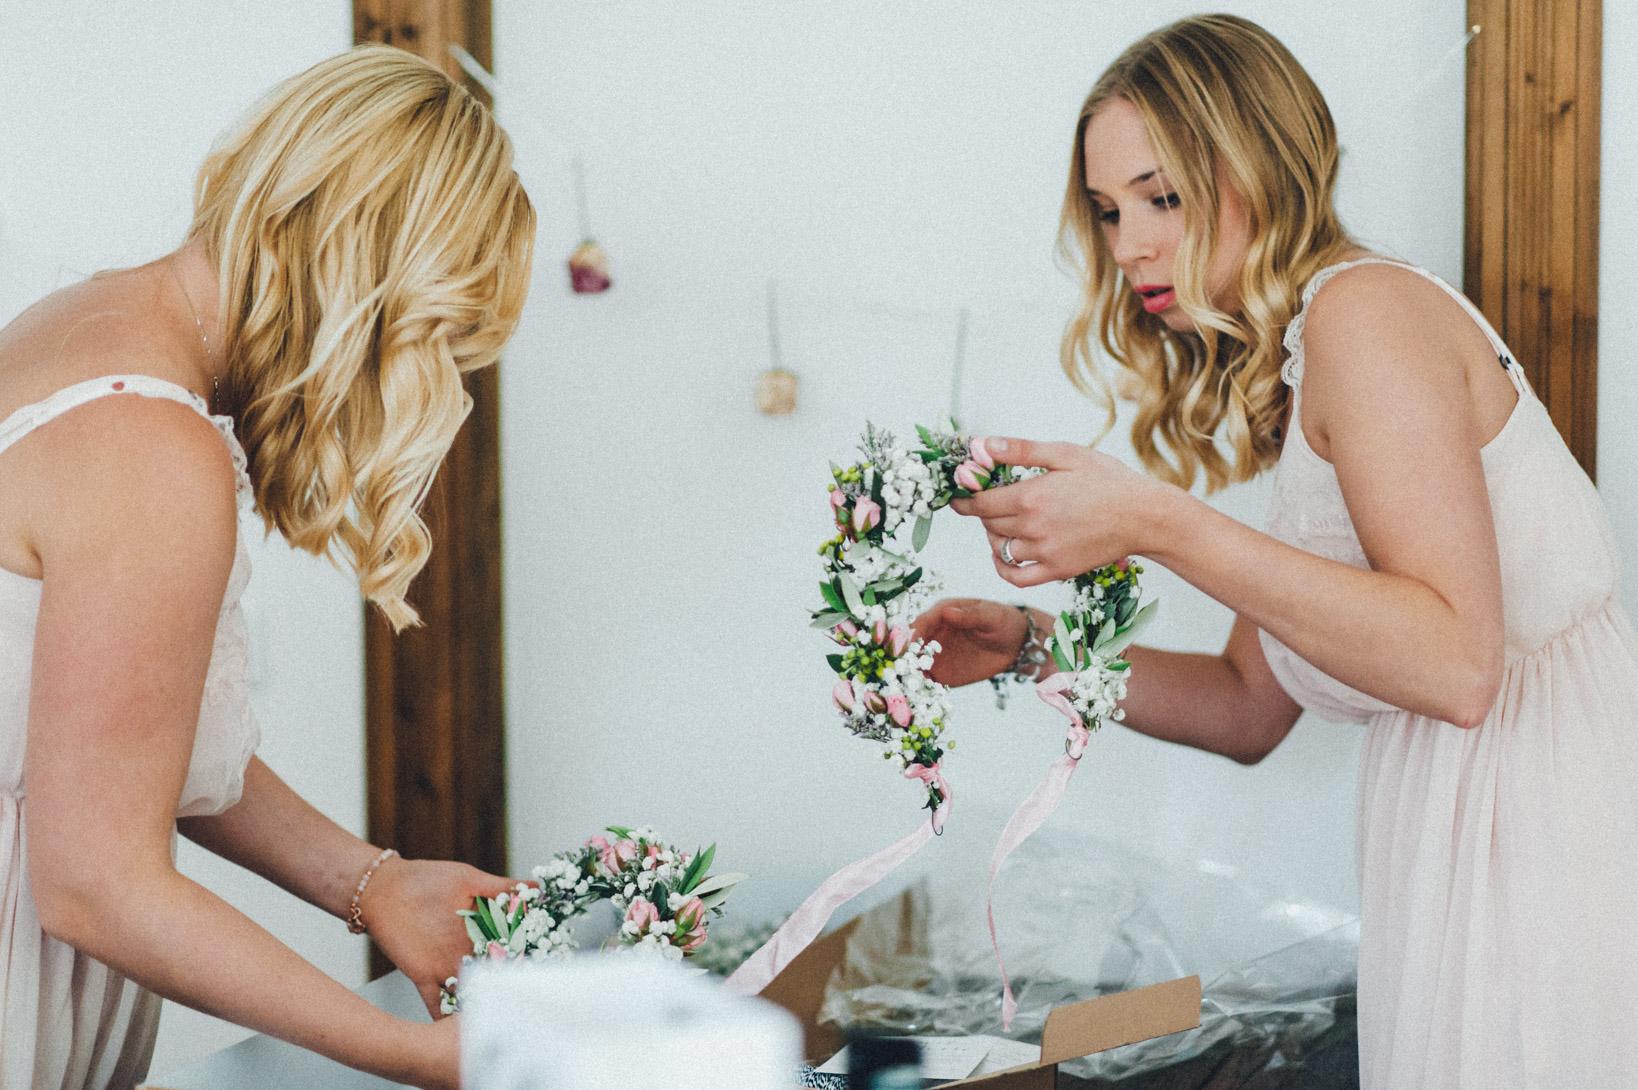 DIY-Hochzeit-gold-VW-Bully-15 Janet & Pierre DIY Midsummer-Wedding in Gold mit VW BulliDIY Hochzeit gold VW Bully 15